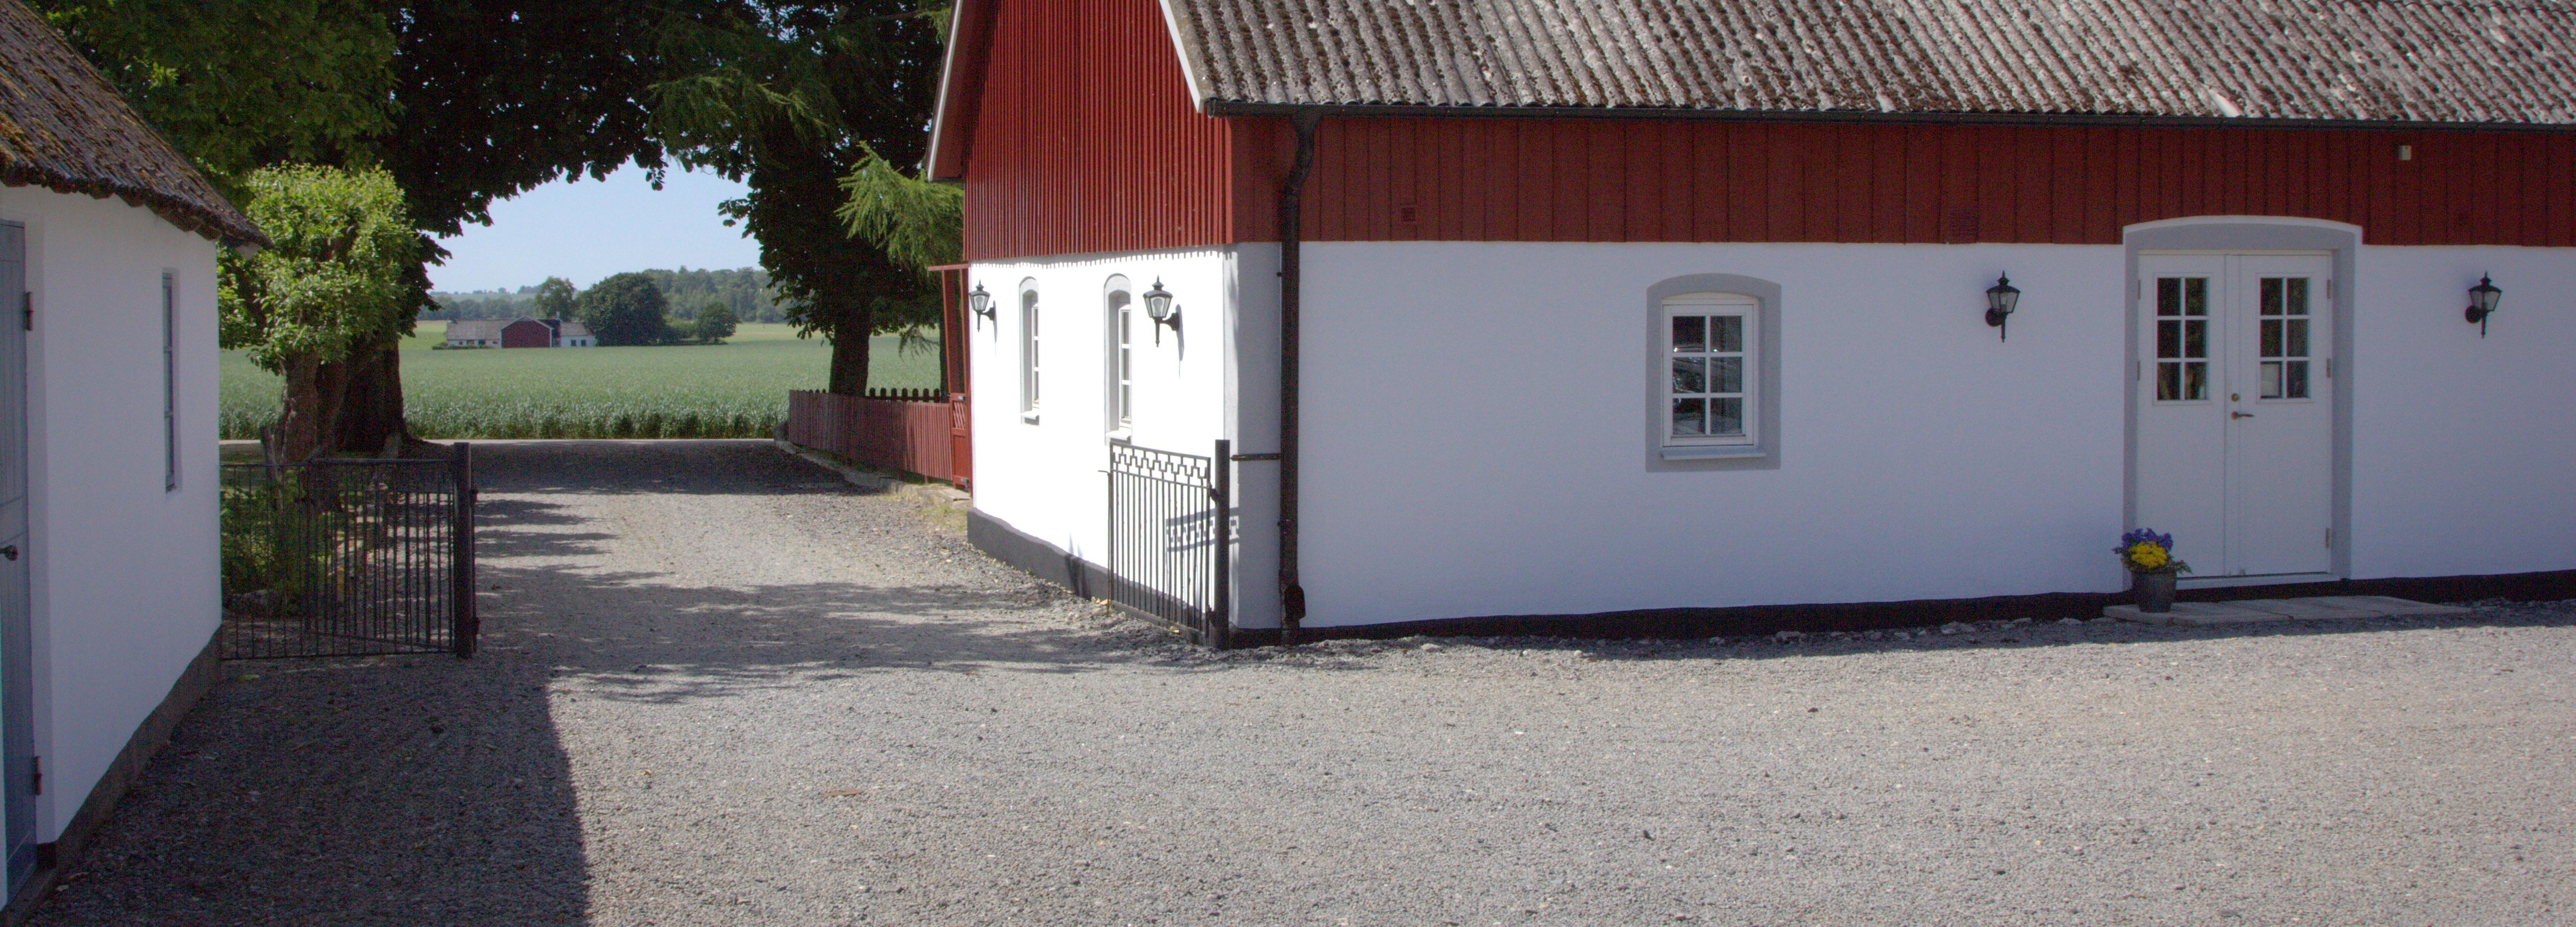 hotell Sydkusten Skåne